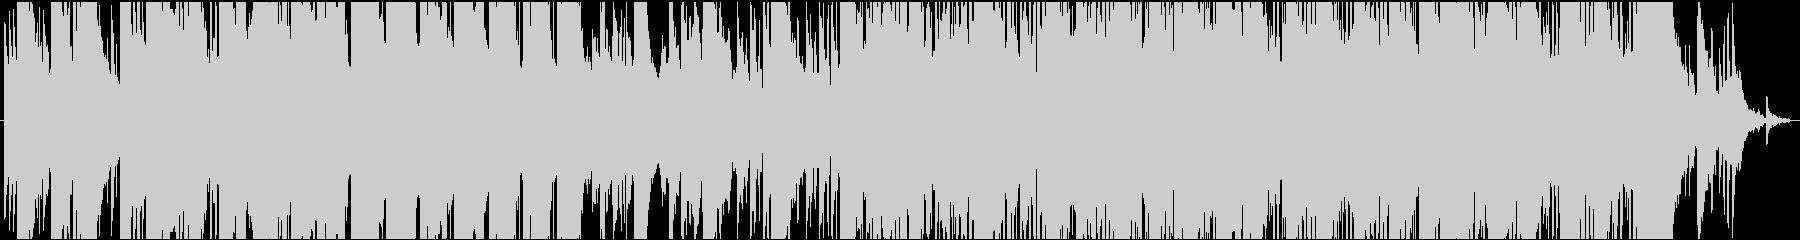 和楽器を用いた切ないバラードの未再生の波形